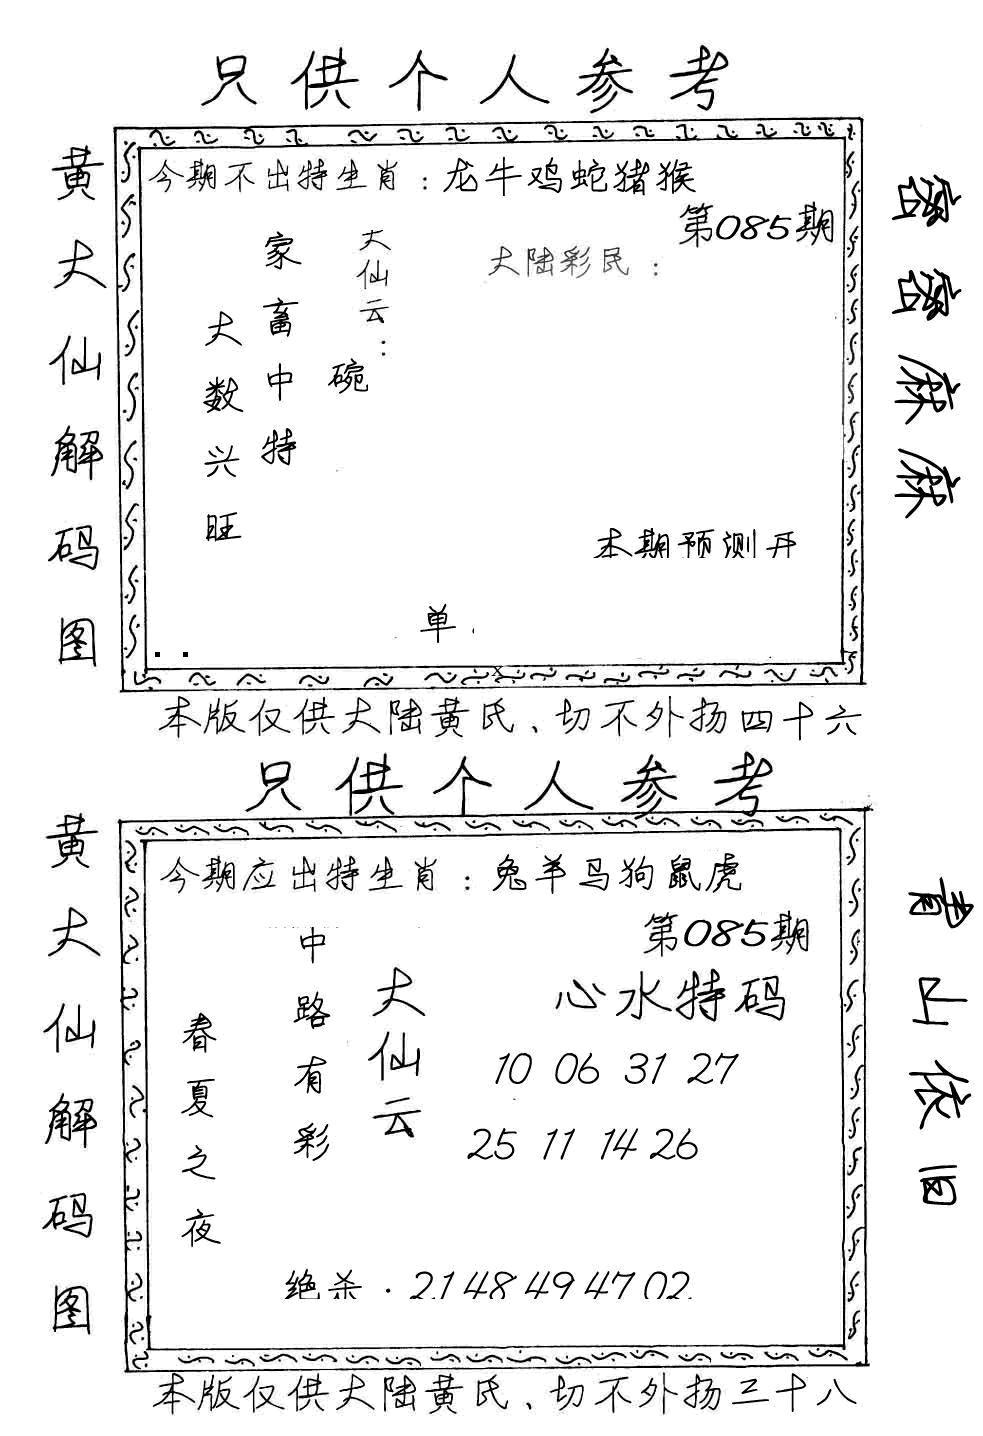 085期黄大仙梅花解码图(手写版)(黑白)